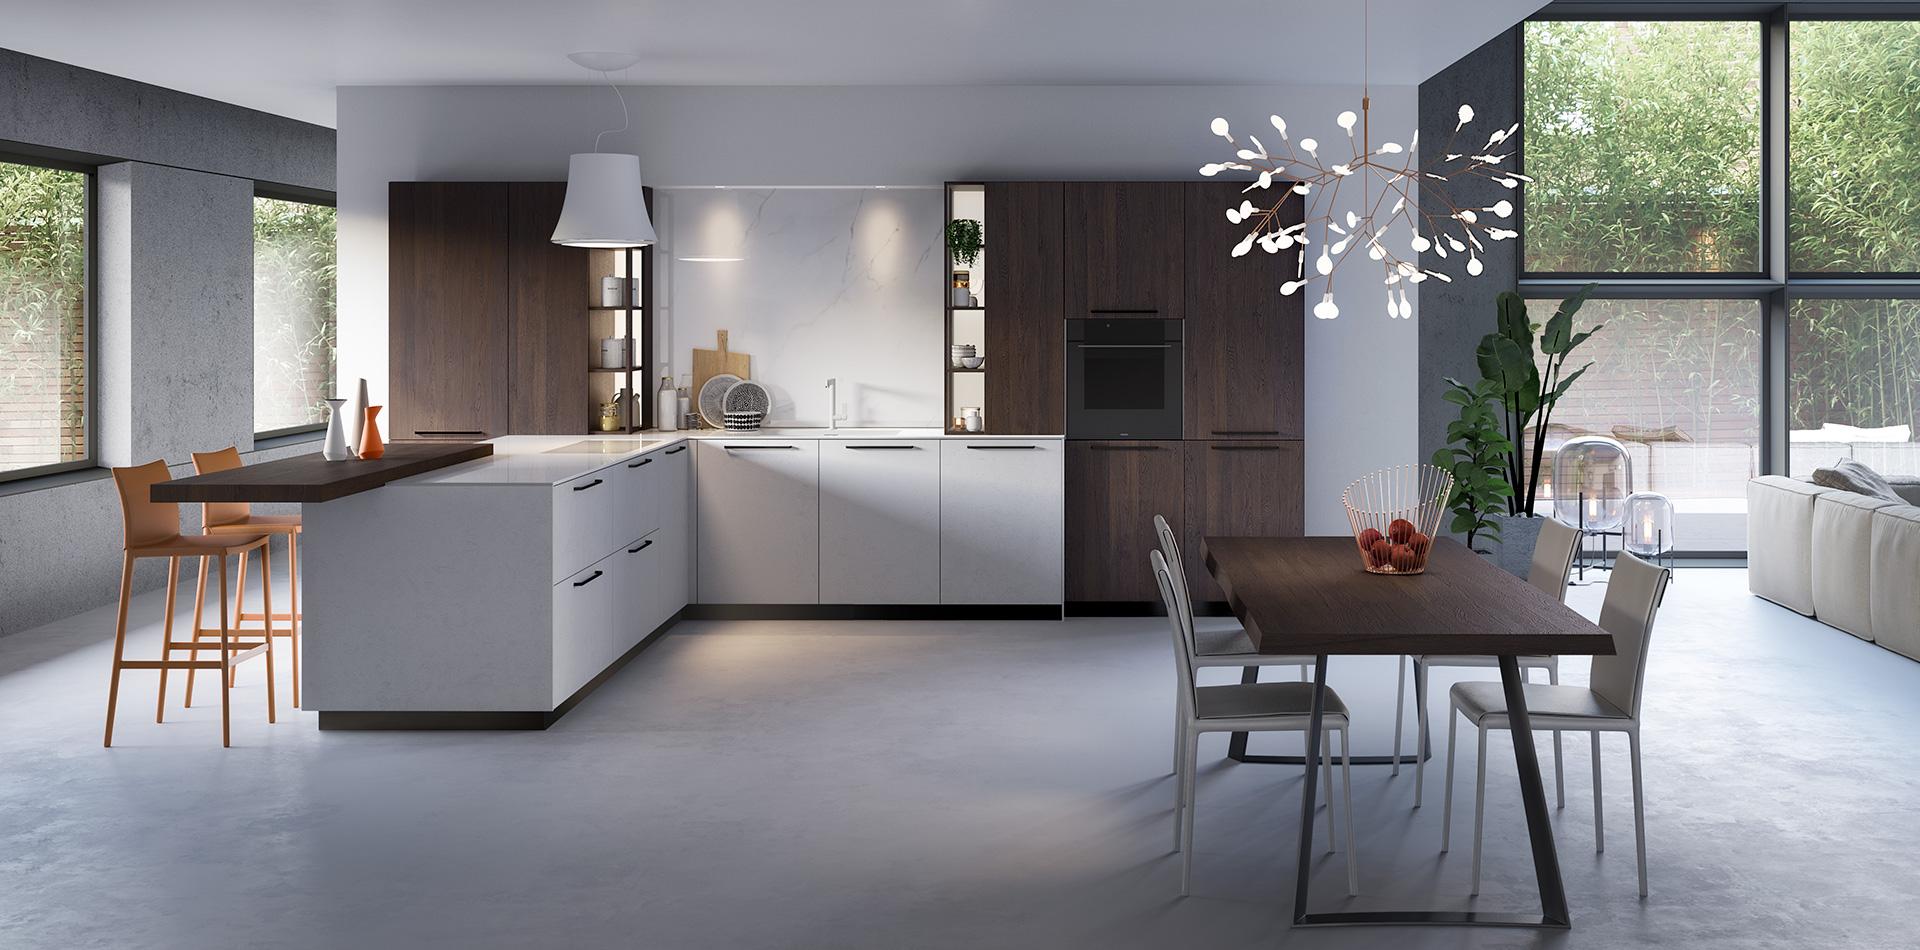 Küchen in g-form | Vettoretti